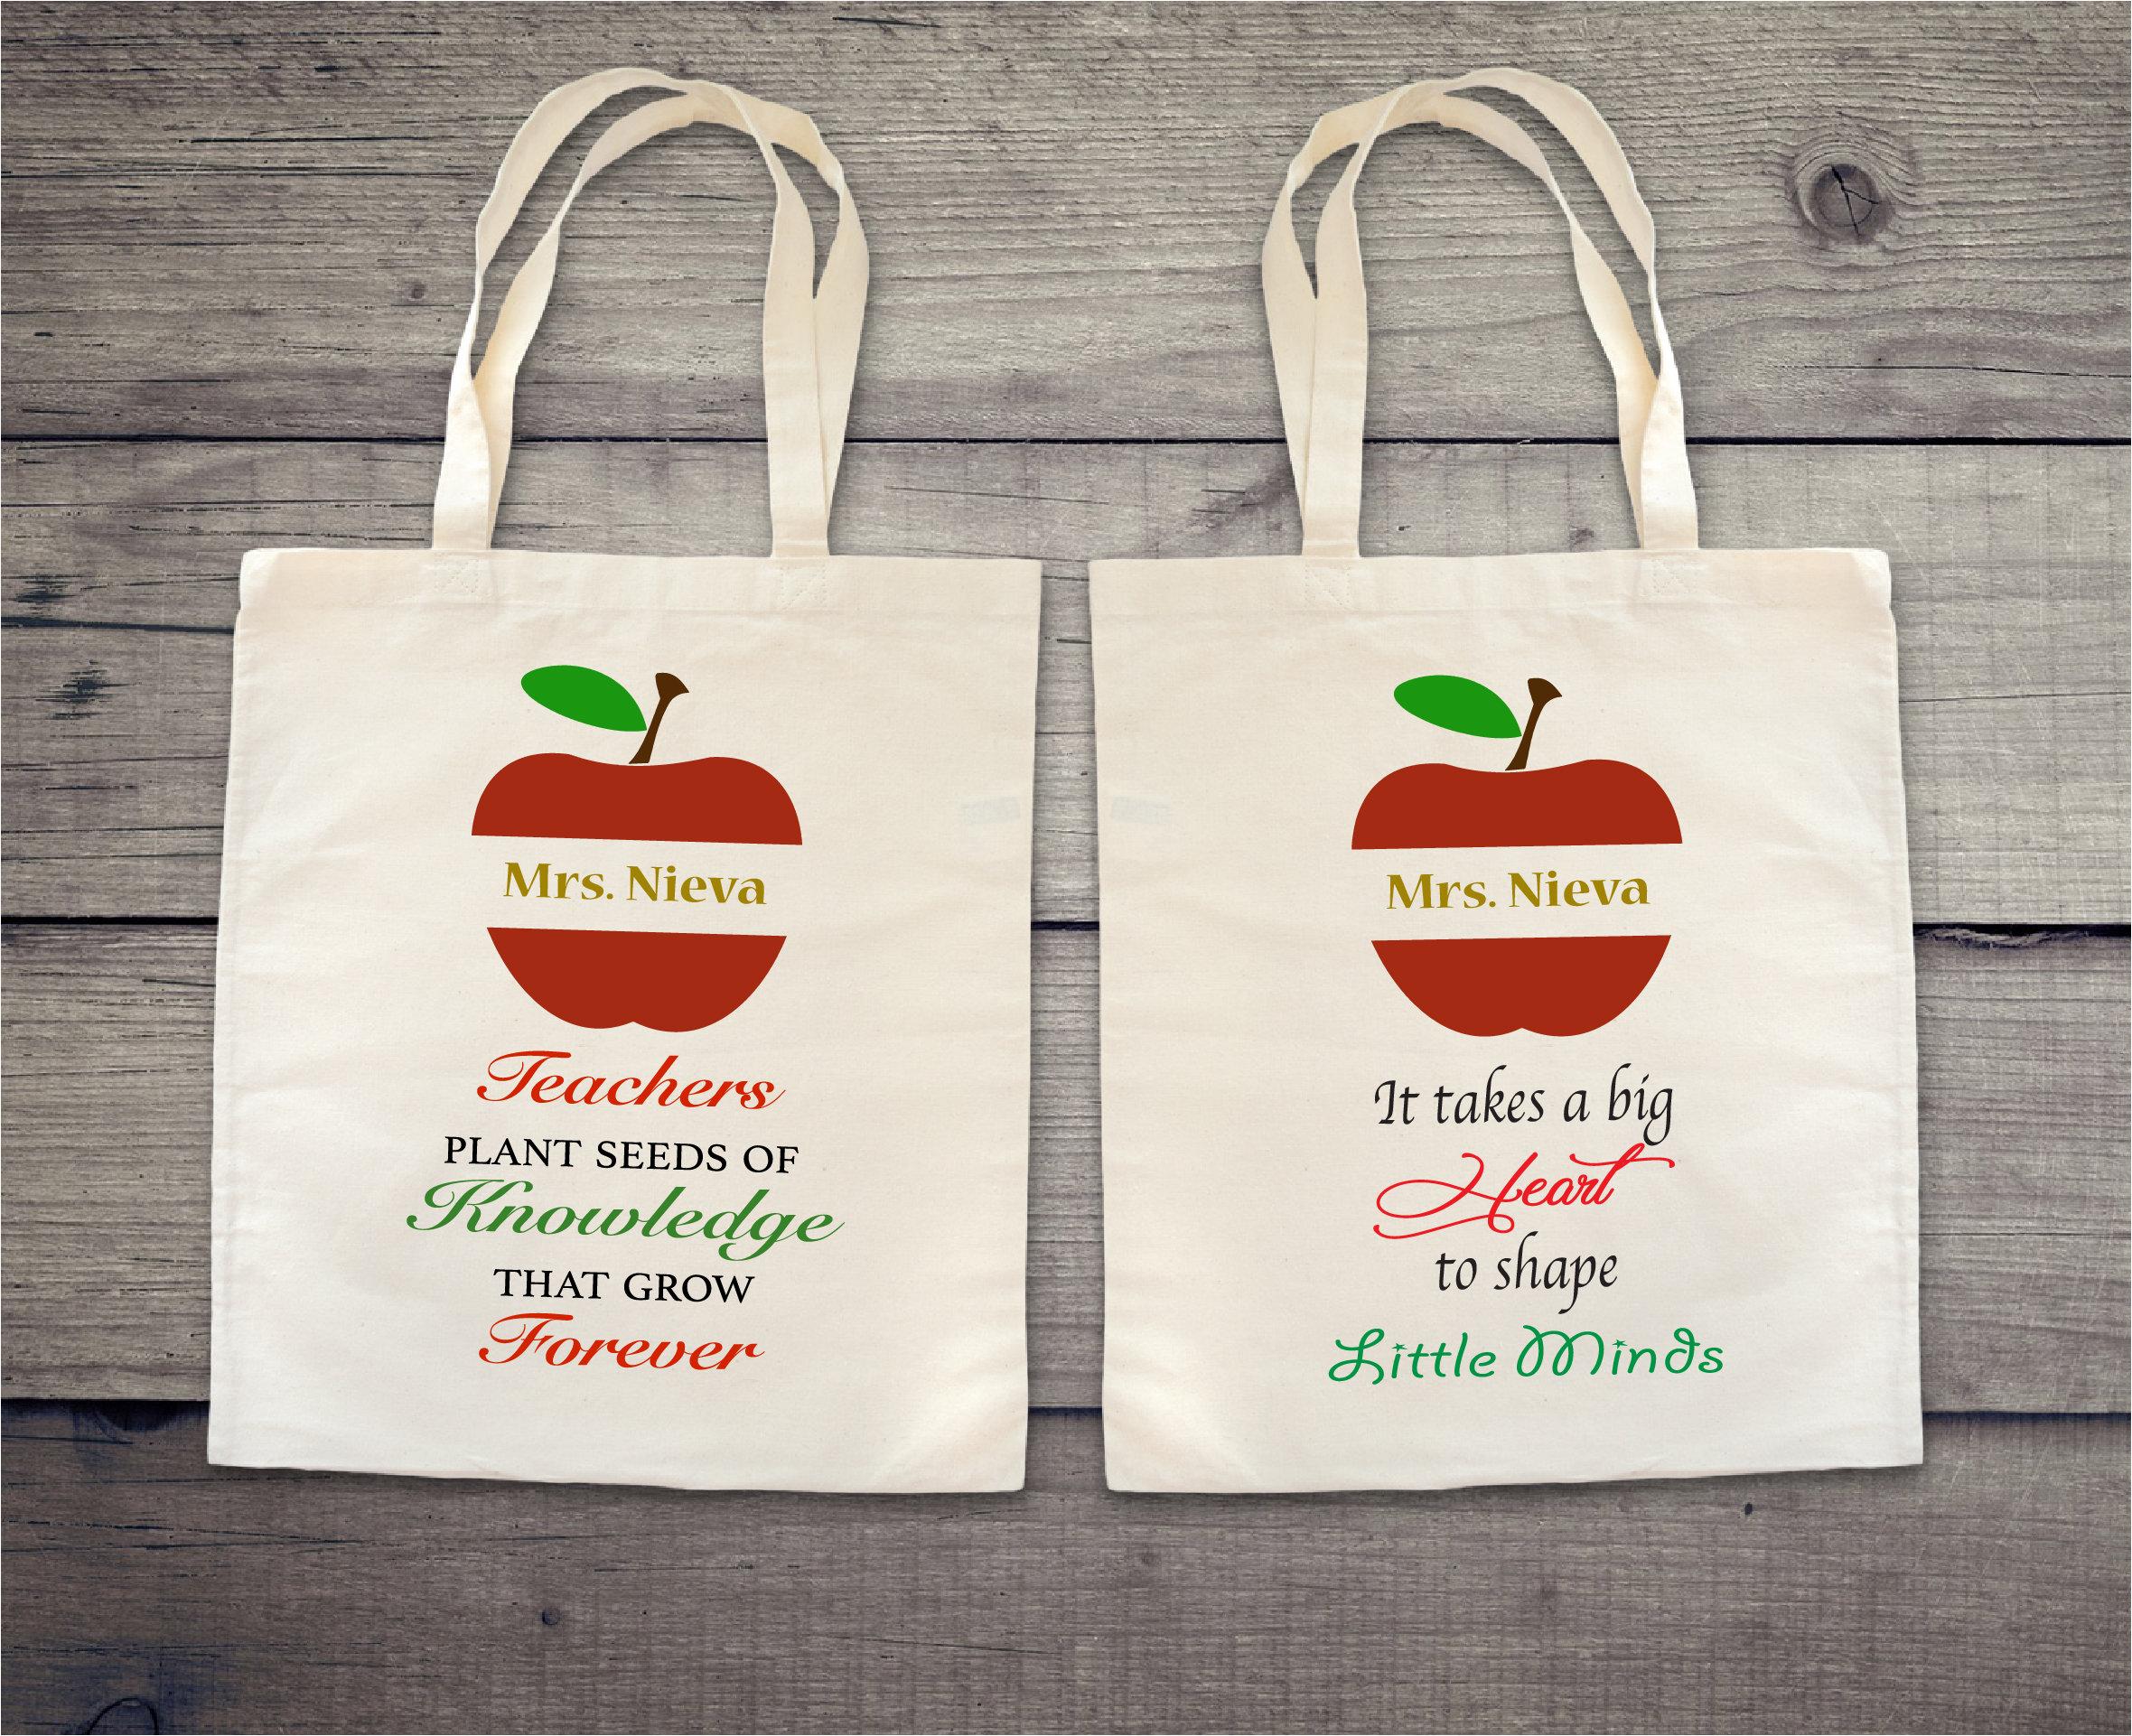 Teacher Totes, Teacher Quotes, Teacher Appreciation, Teacher Gifts,  Teaching Little Minds, Teacher Bags, Personalized Teacher Gift